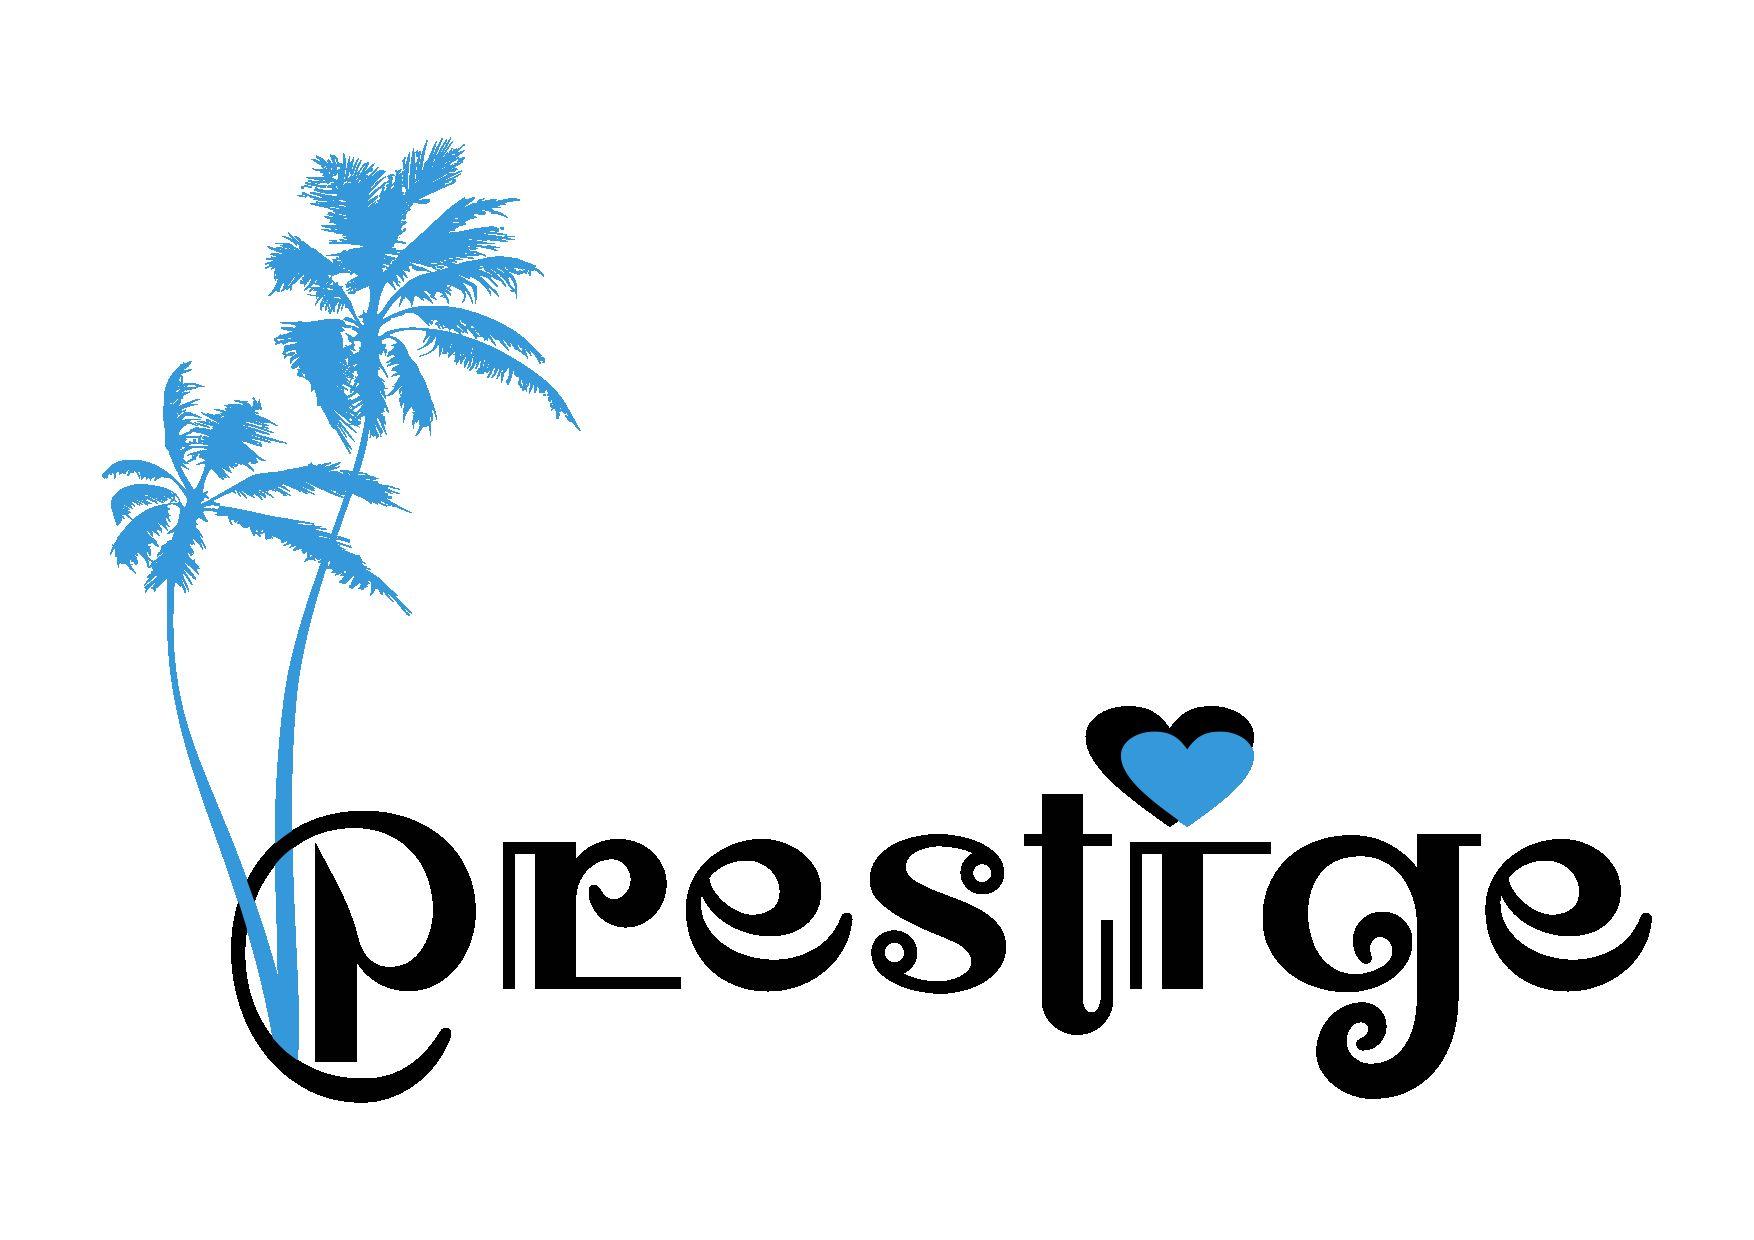 Логотип для свадебного агентства Prestige - дизайнер bor23